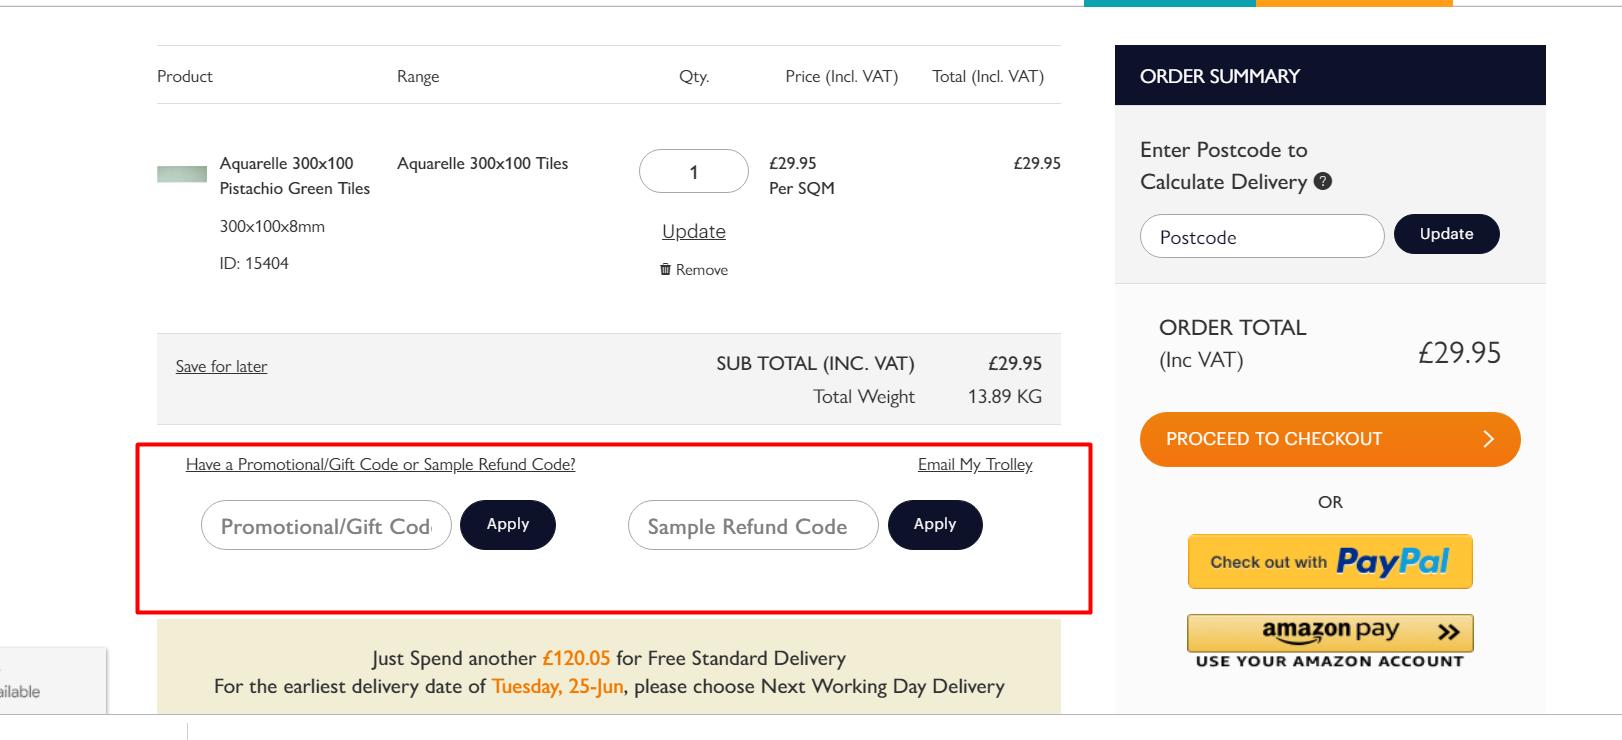 How do I use my A Quarter Of discount code?